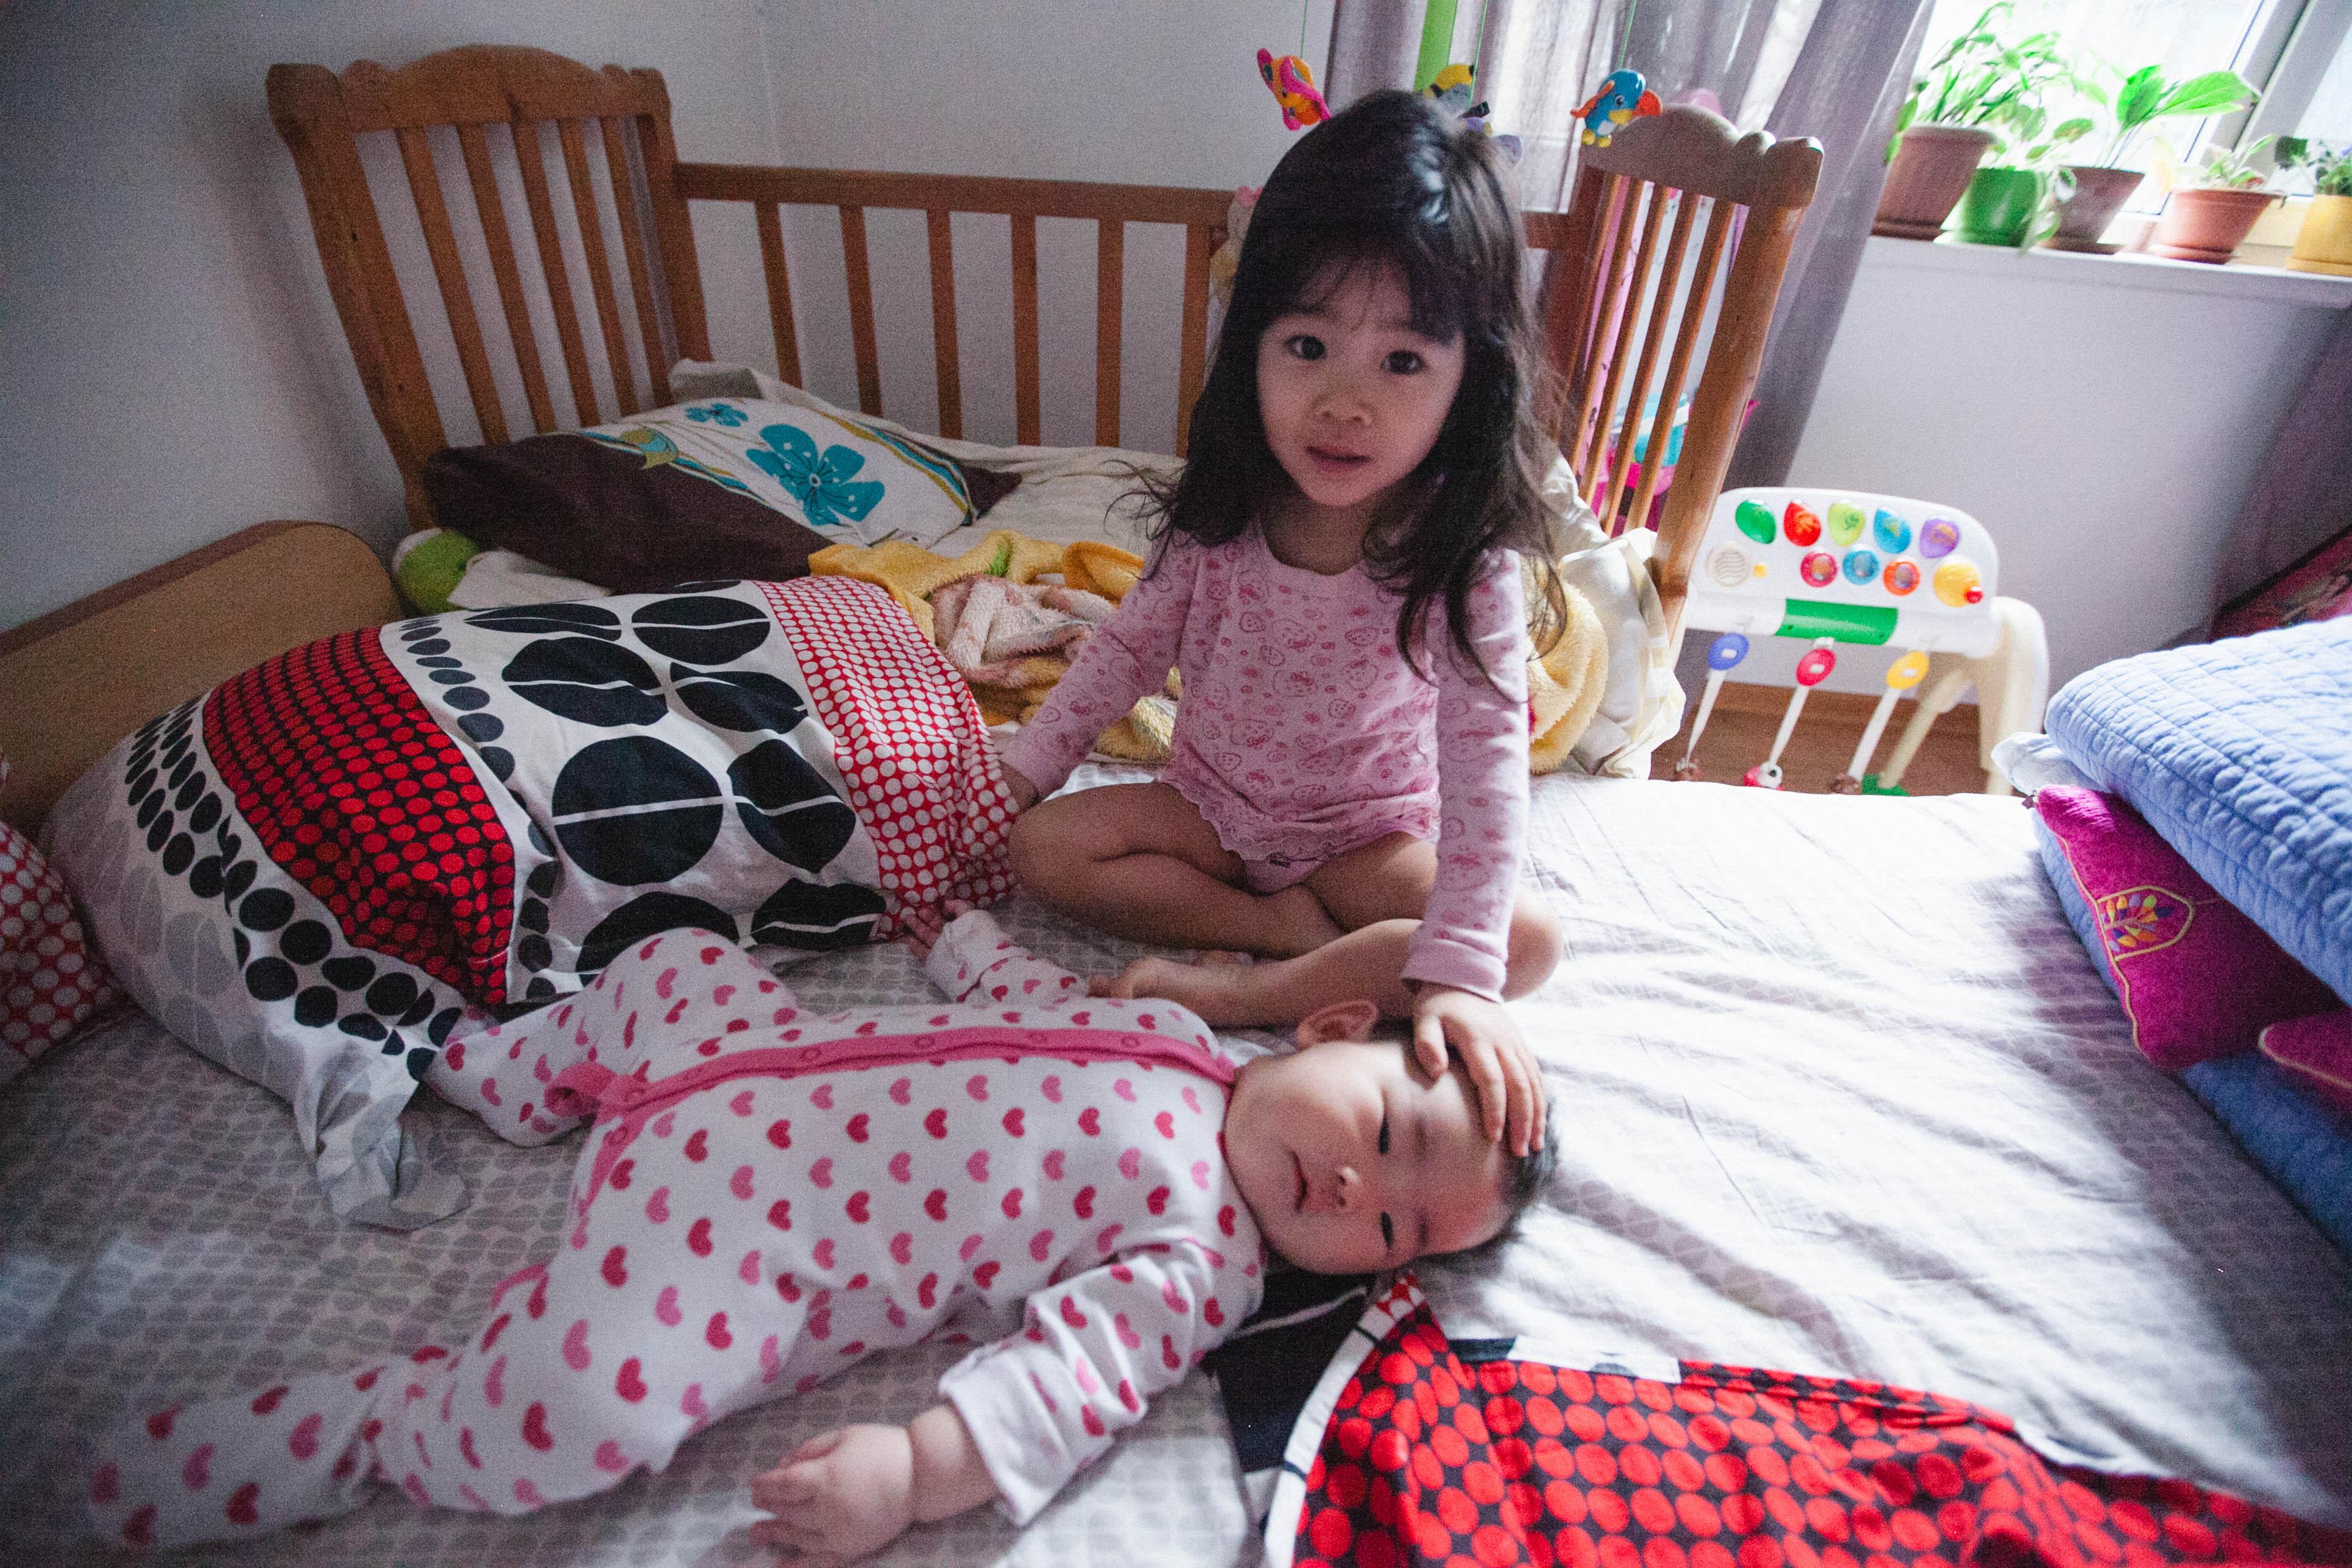 Сестра моет младшего братика смотреть 2 фотография